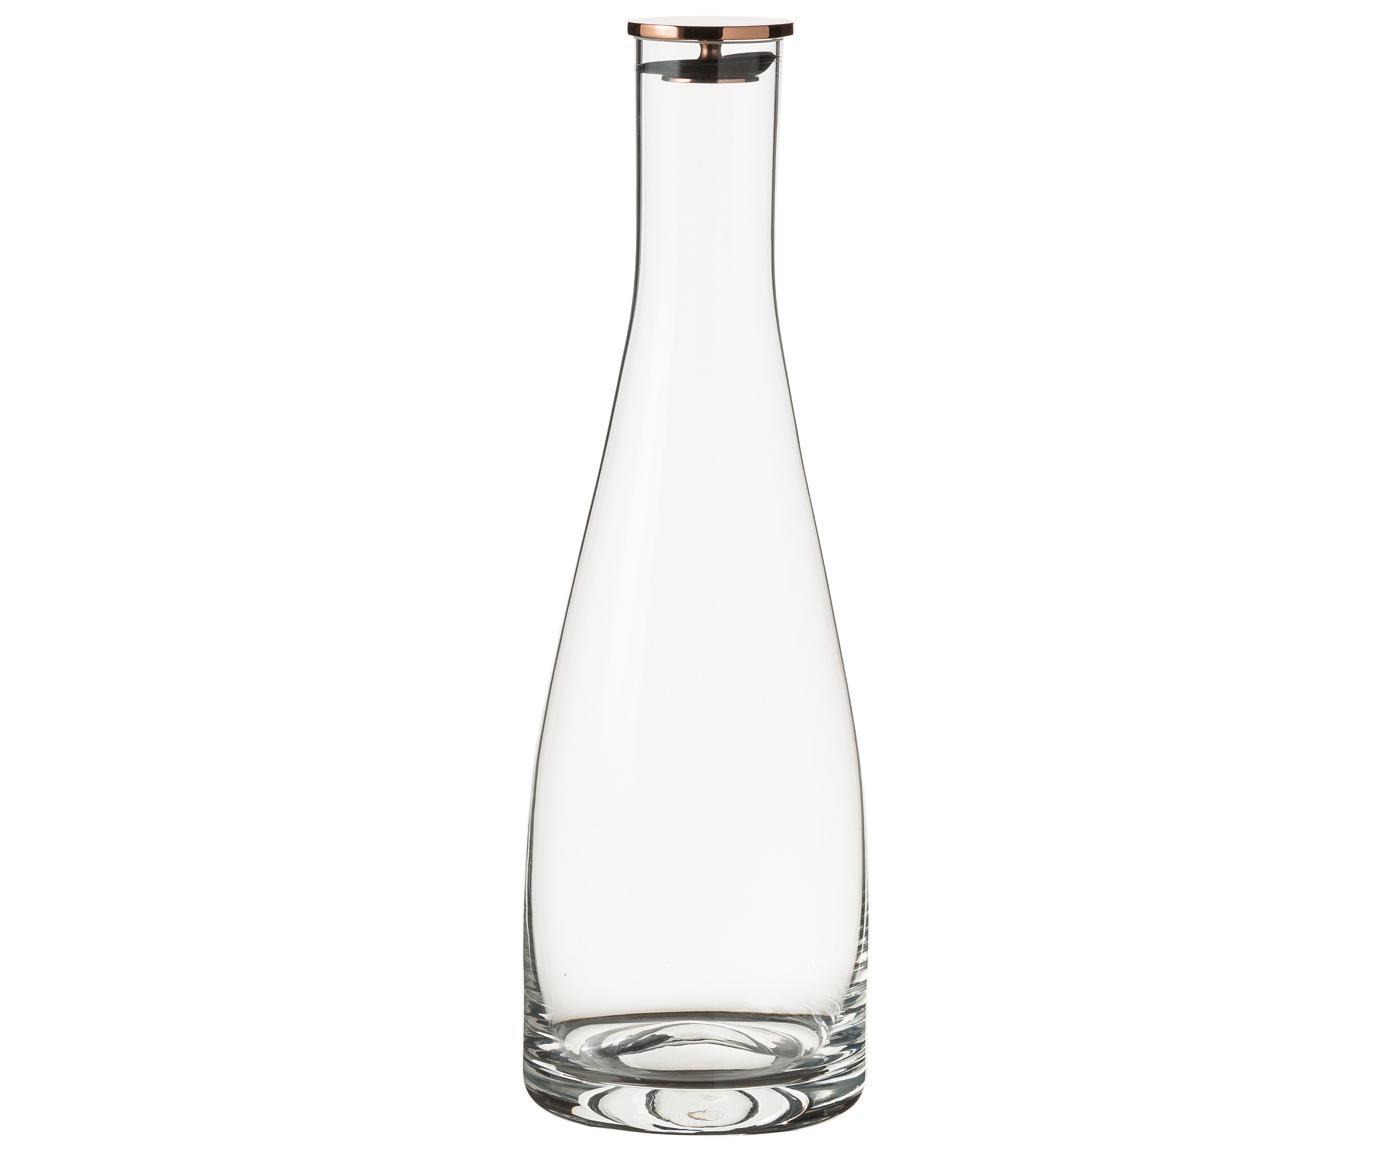 Karafka do wody Flow, Szkło, Transparentny, 1 l